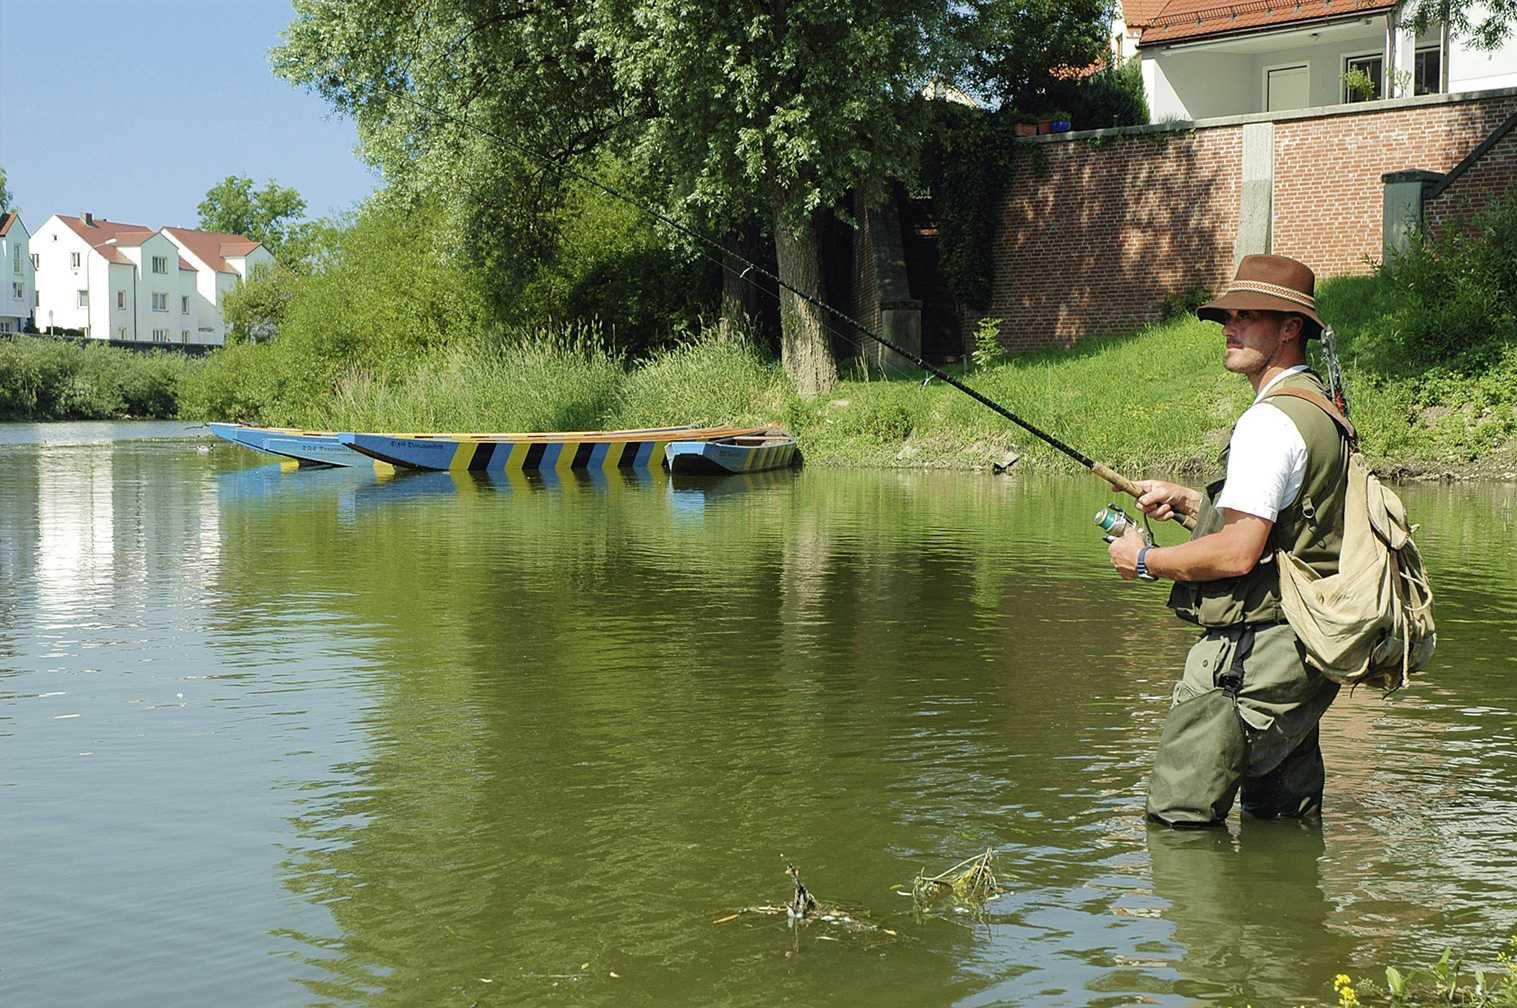 """""""Суровая"""" рыбалка в Германии. Считаете наш закон о рыбалке несправедливым? Сравните"""